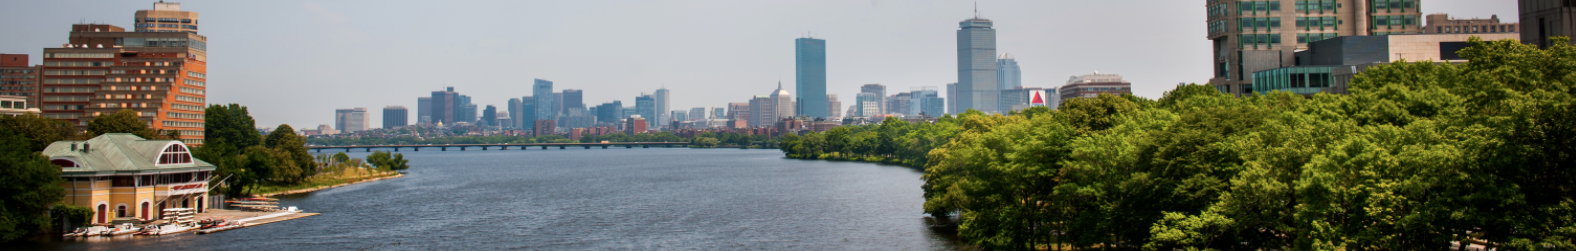 波士顿大学 banner